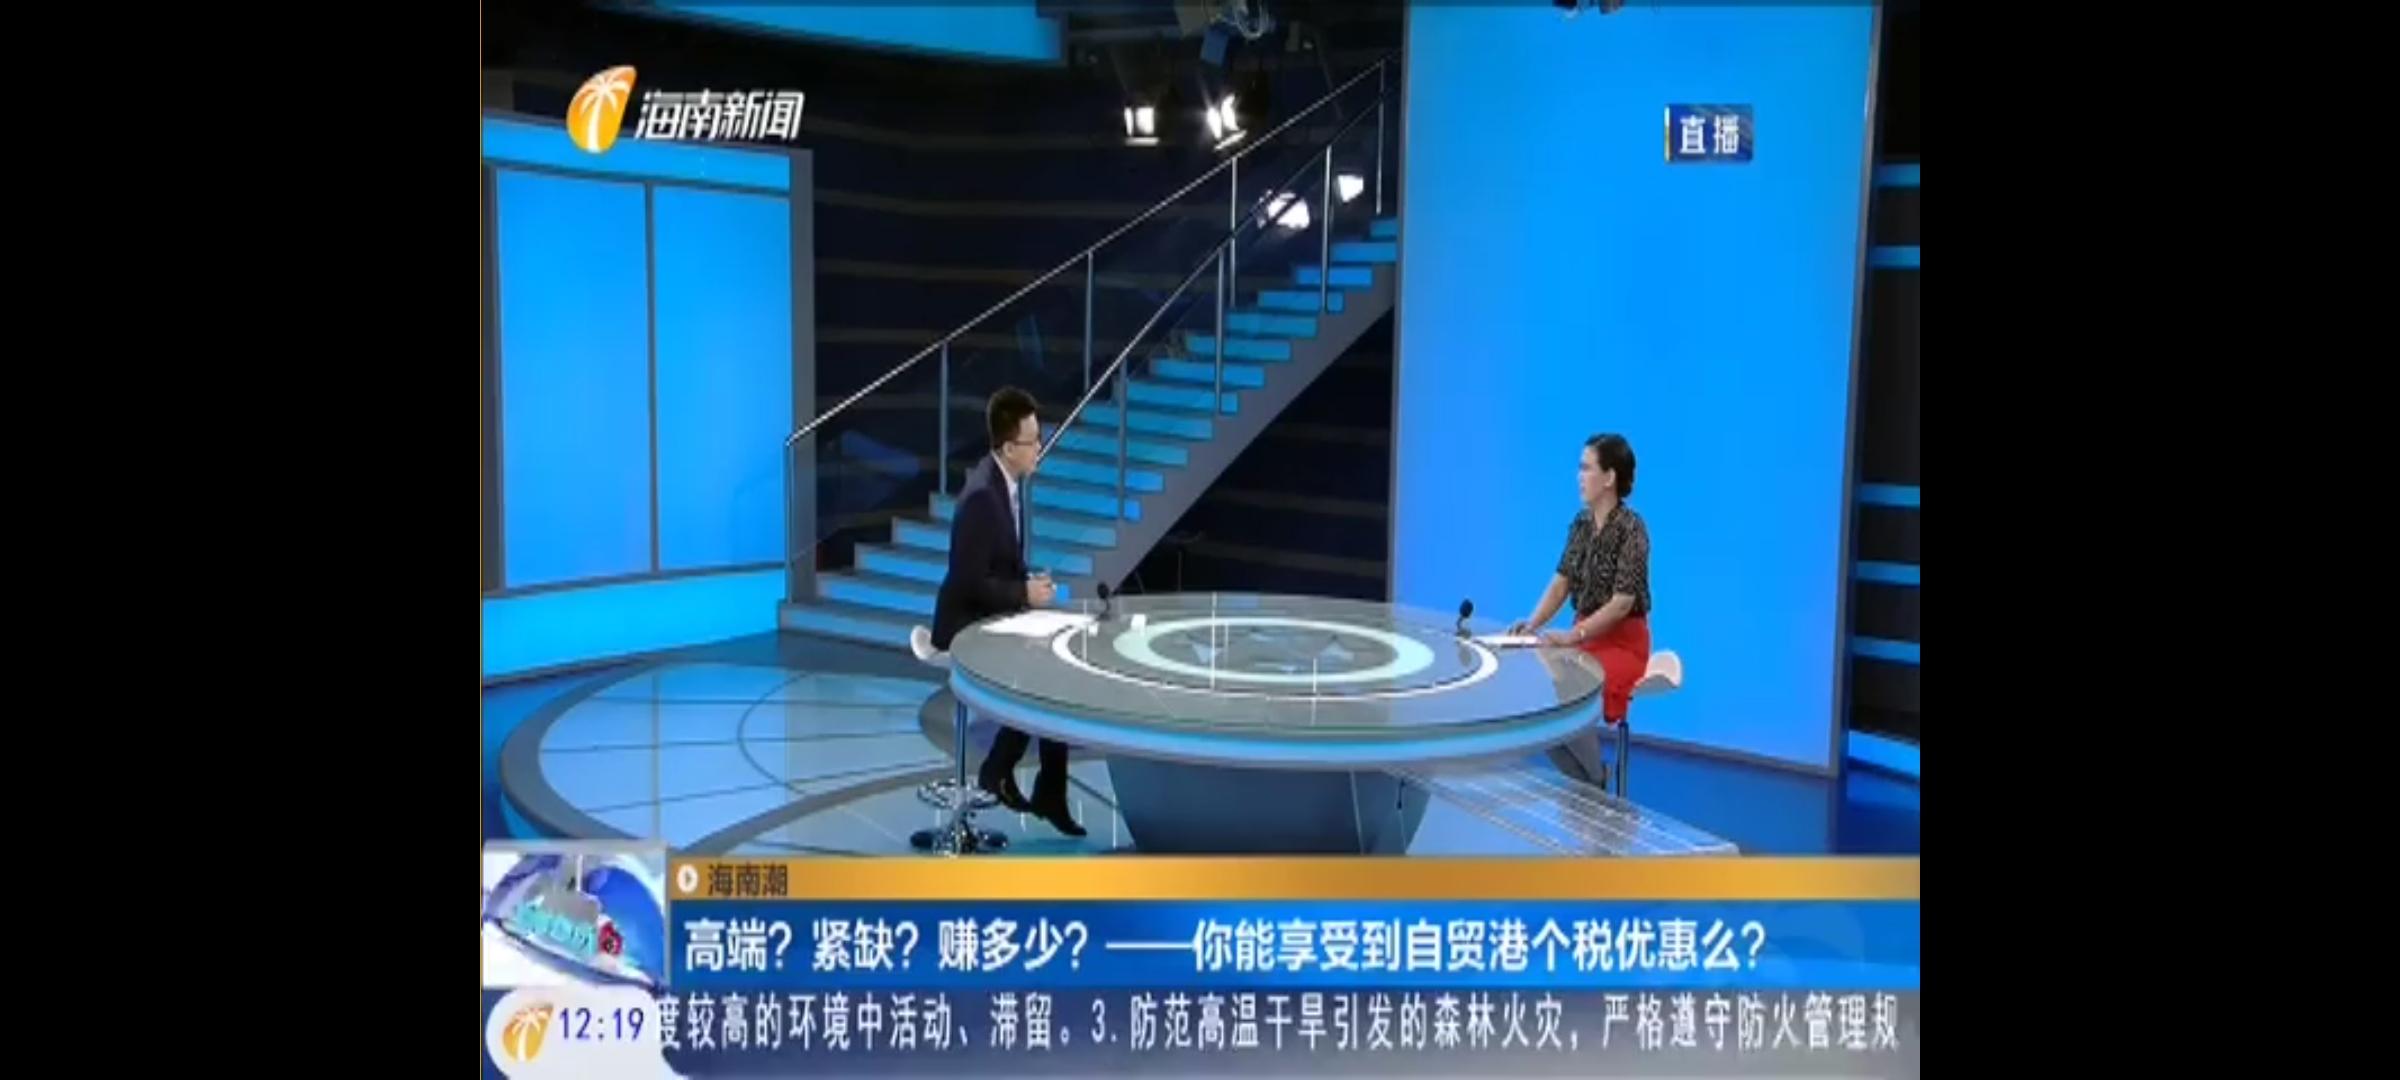 经济与管理学院张云华应邀参加省电视台专题访谈